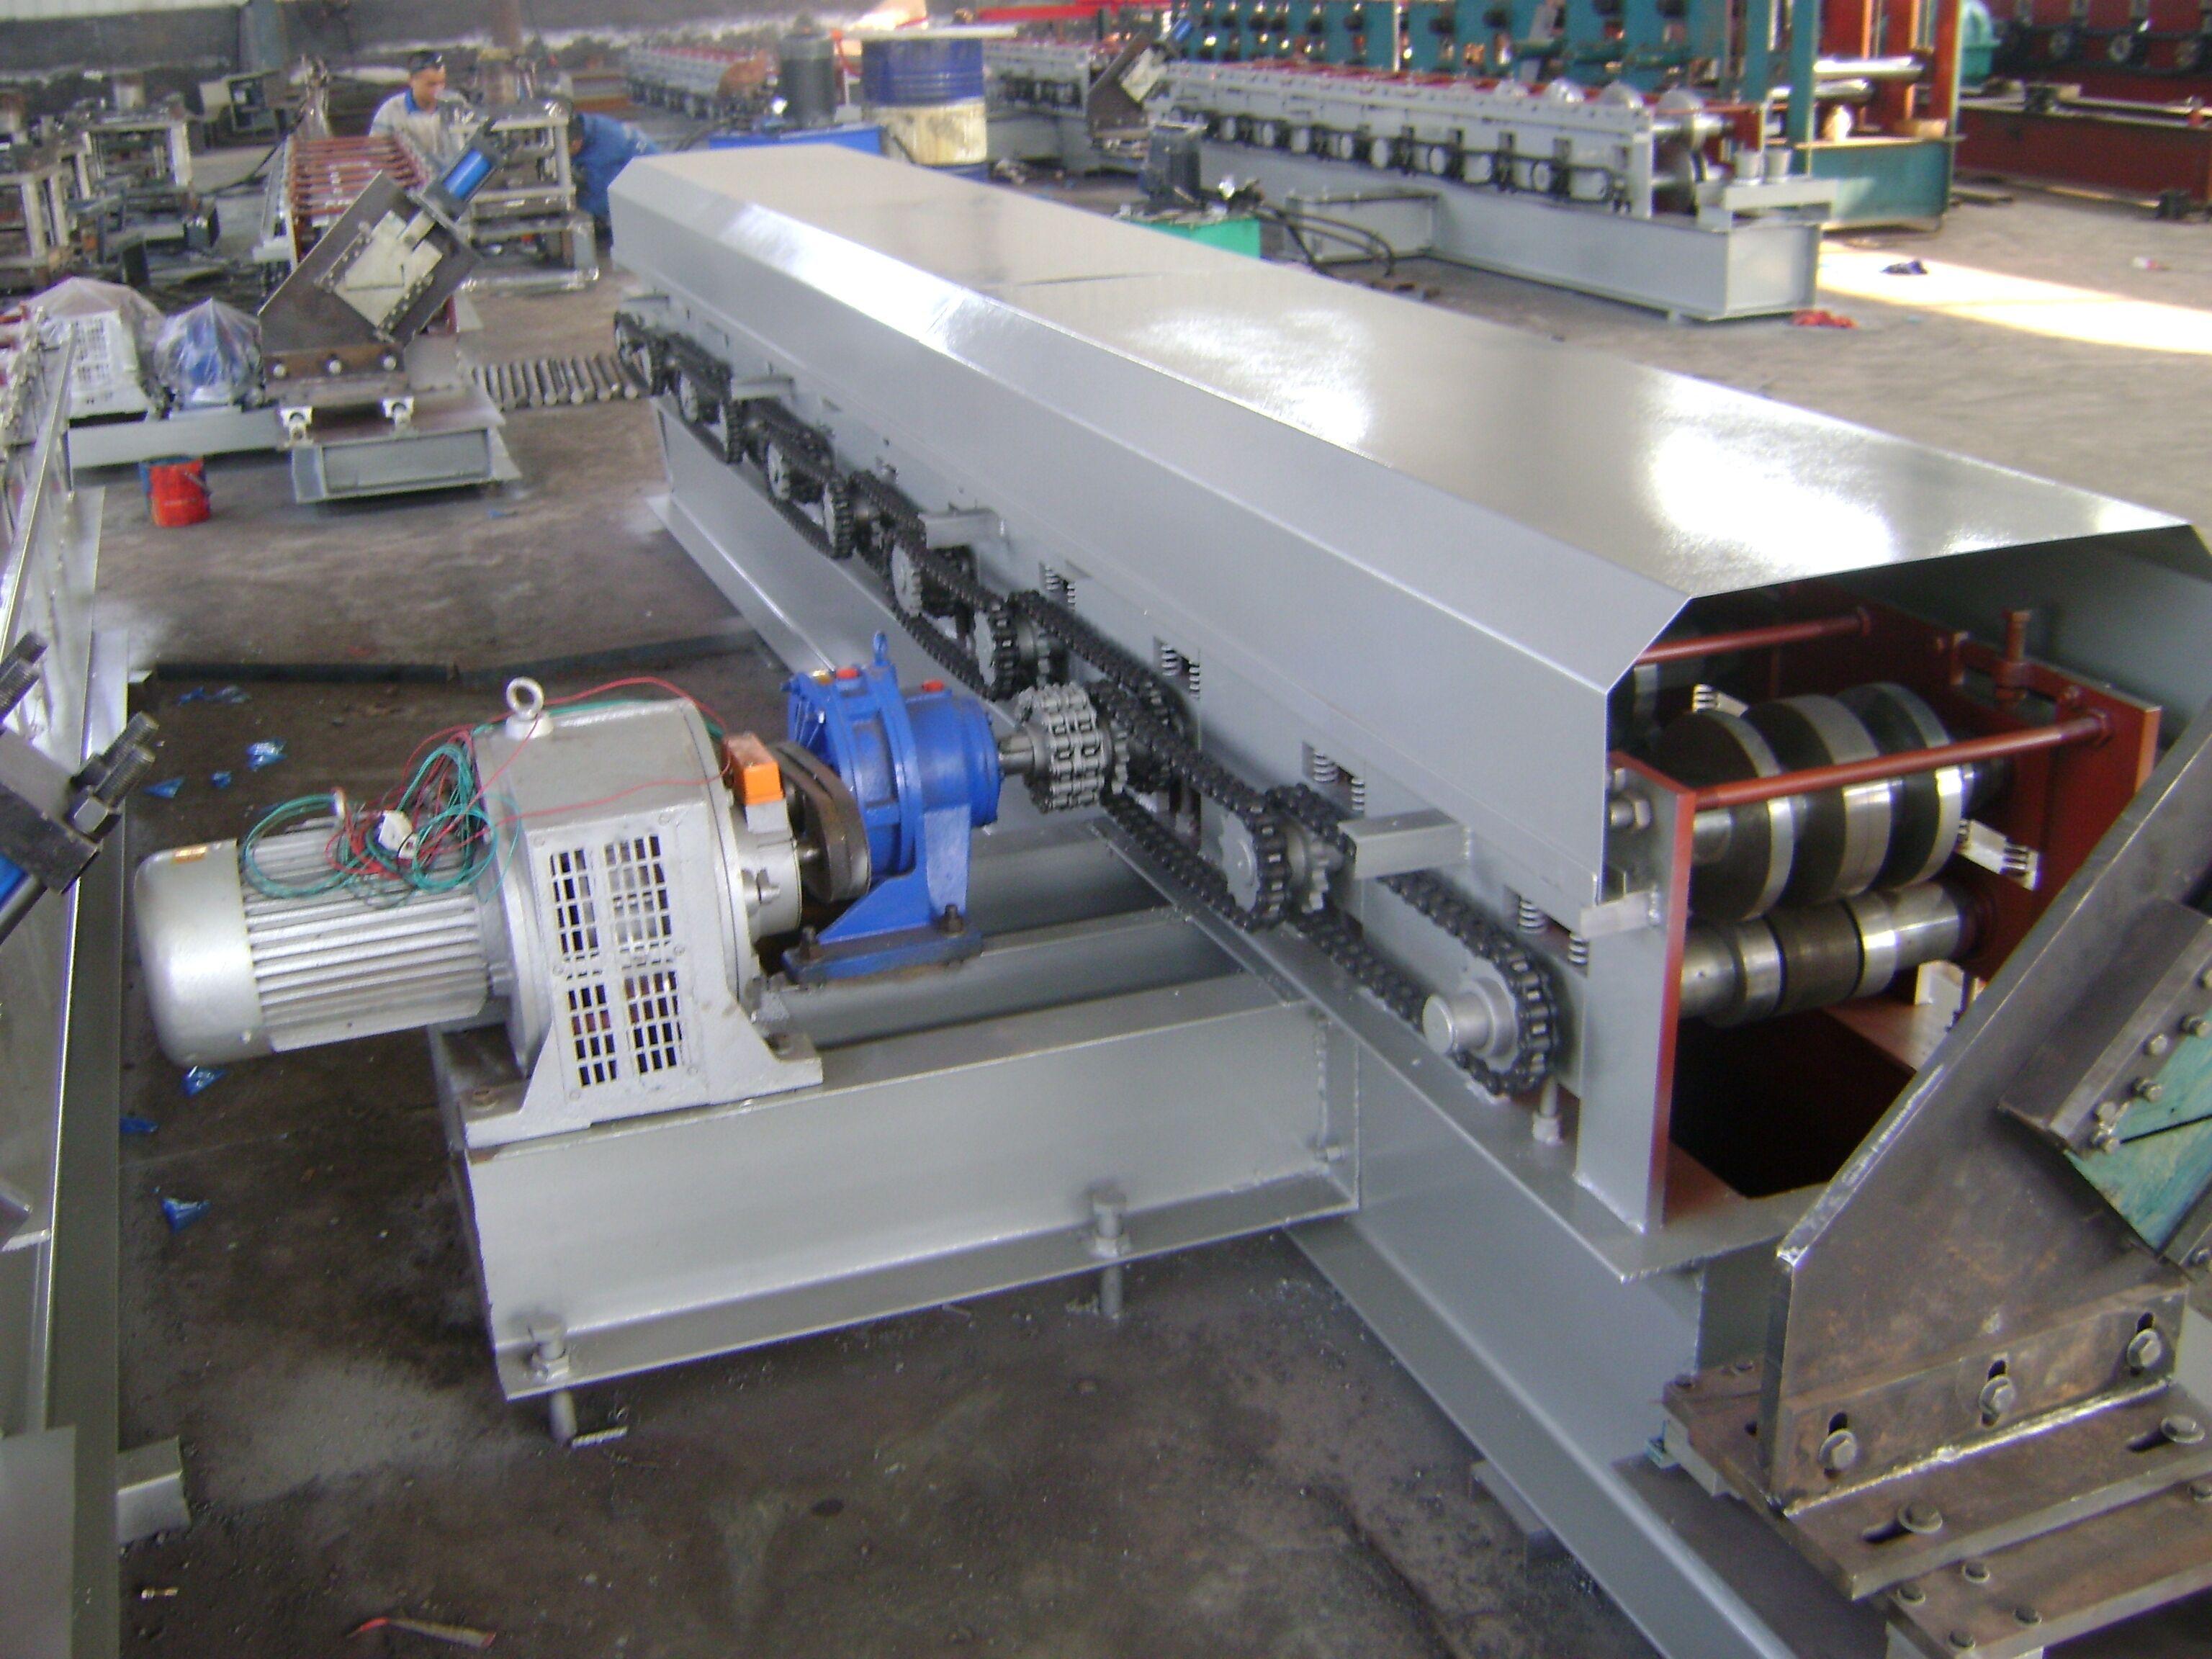 机械产品技术参数02号图(小U型底部富贵花冲孔) 设备安装外形尺寸:4000mm*450mm*700mm(主机) 进板宽度:200mm 进板厚:0.81.2mm 设备总重:4.0T左右 成型排数:8排 主机功率:5.5KW 液压泵站功率:4KW 冲床吨位:40T 电控系统:全机采用工业电脑PLC控制(含变频器) 工作速度:3000-5000mm/min 主机轧辊材质:轴承钢调质、淬火处理 设备大架:300工字钢焊接 中板厚度:14mm 辊轴直径:70mm 传动方式:1.